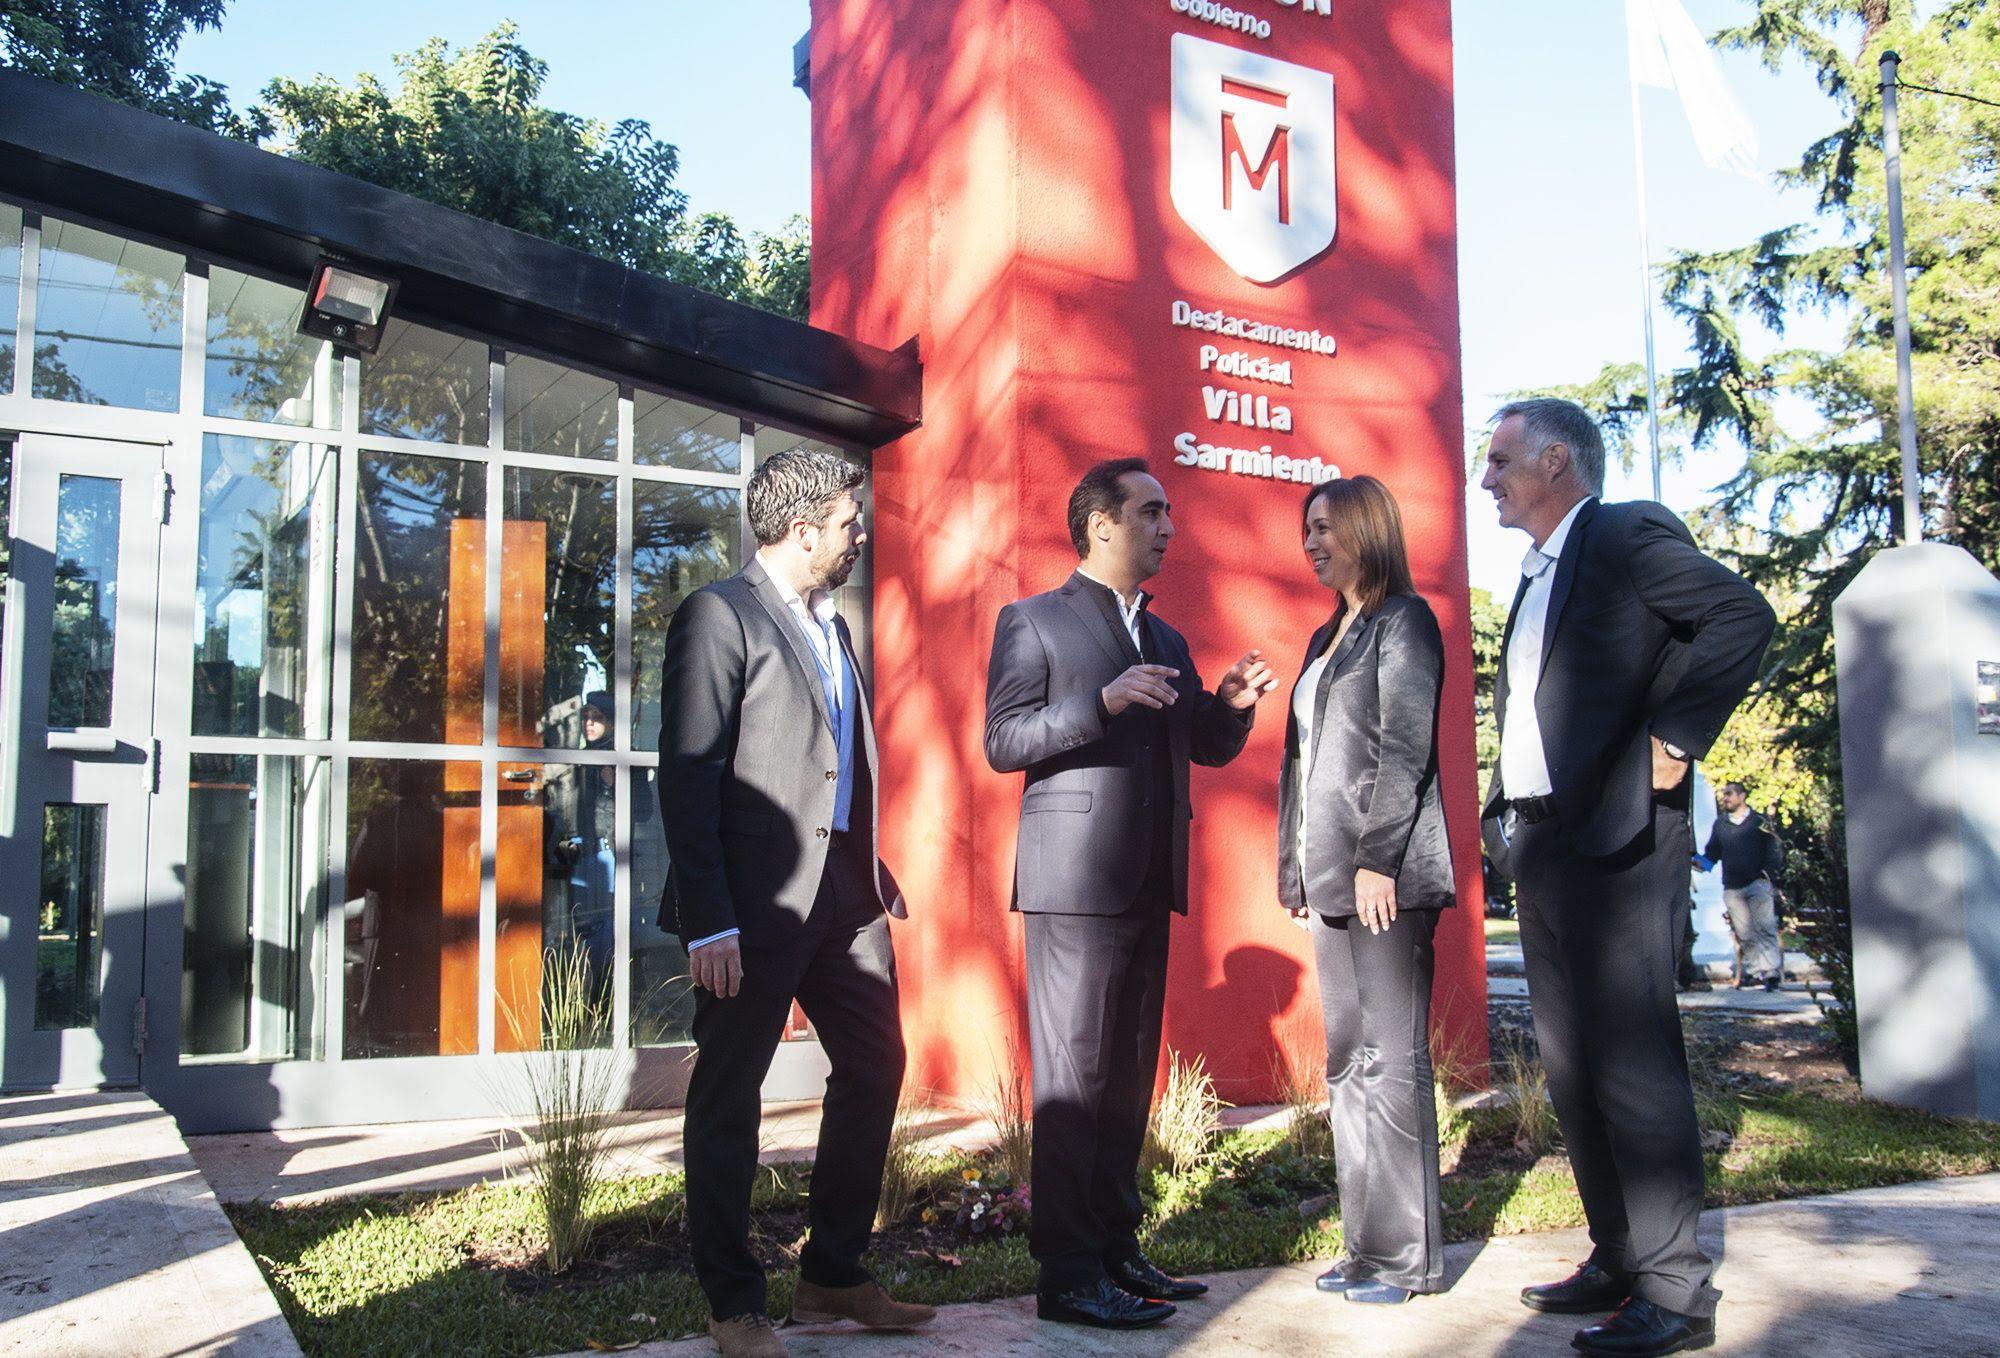 Tagliaferro y Vidal inaugurando un destacamento policial en la Plaza Alsina